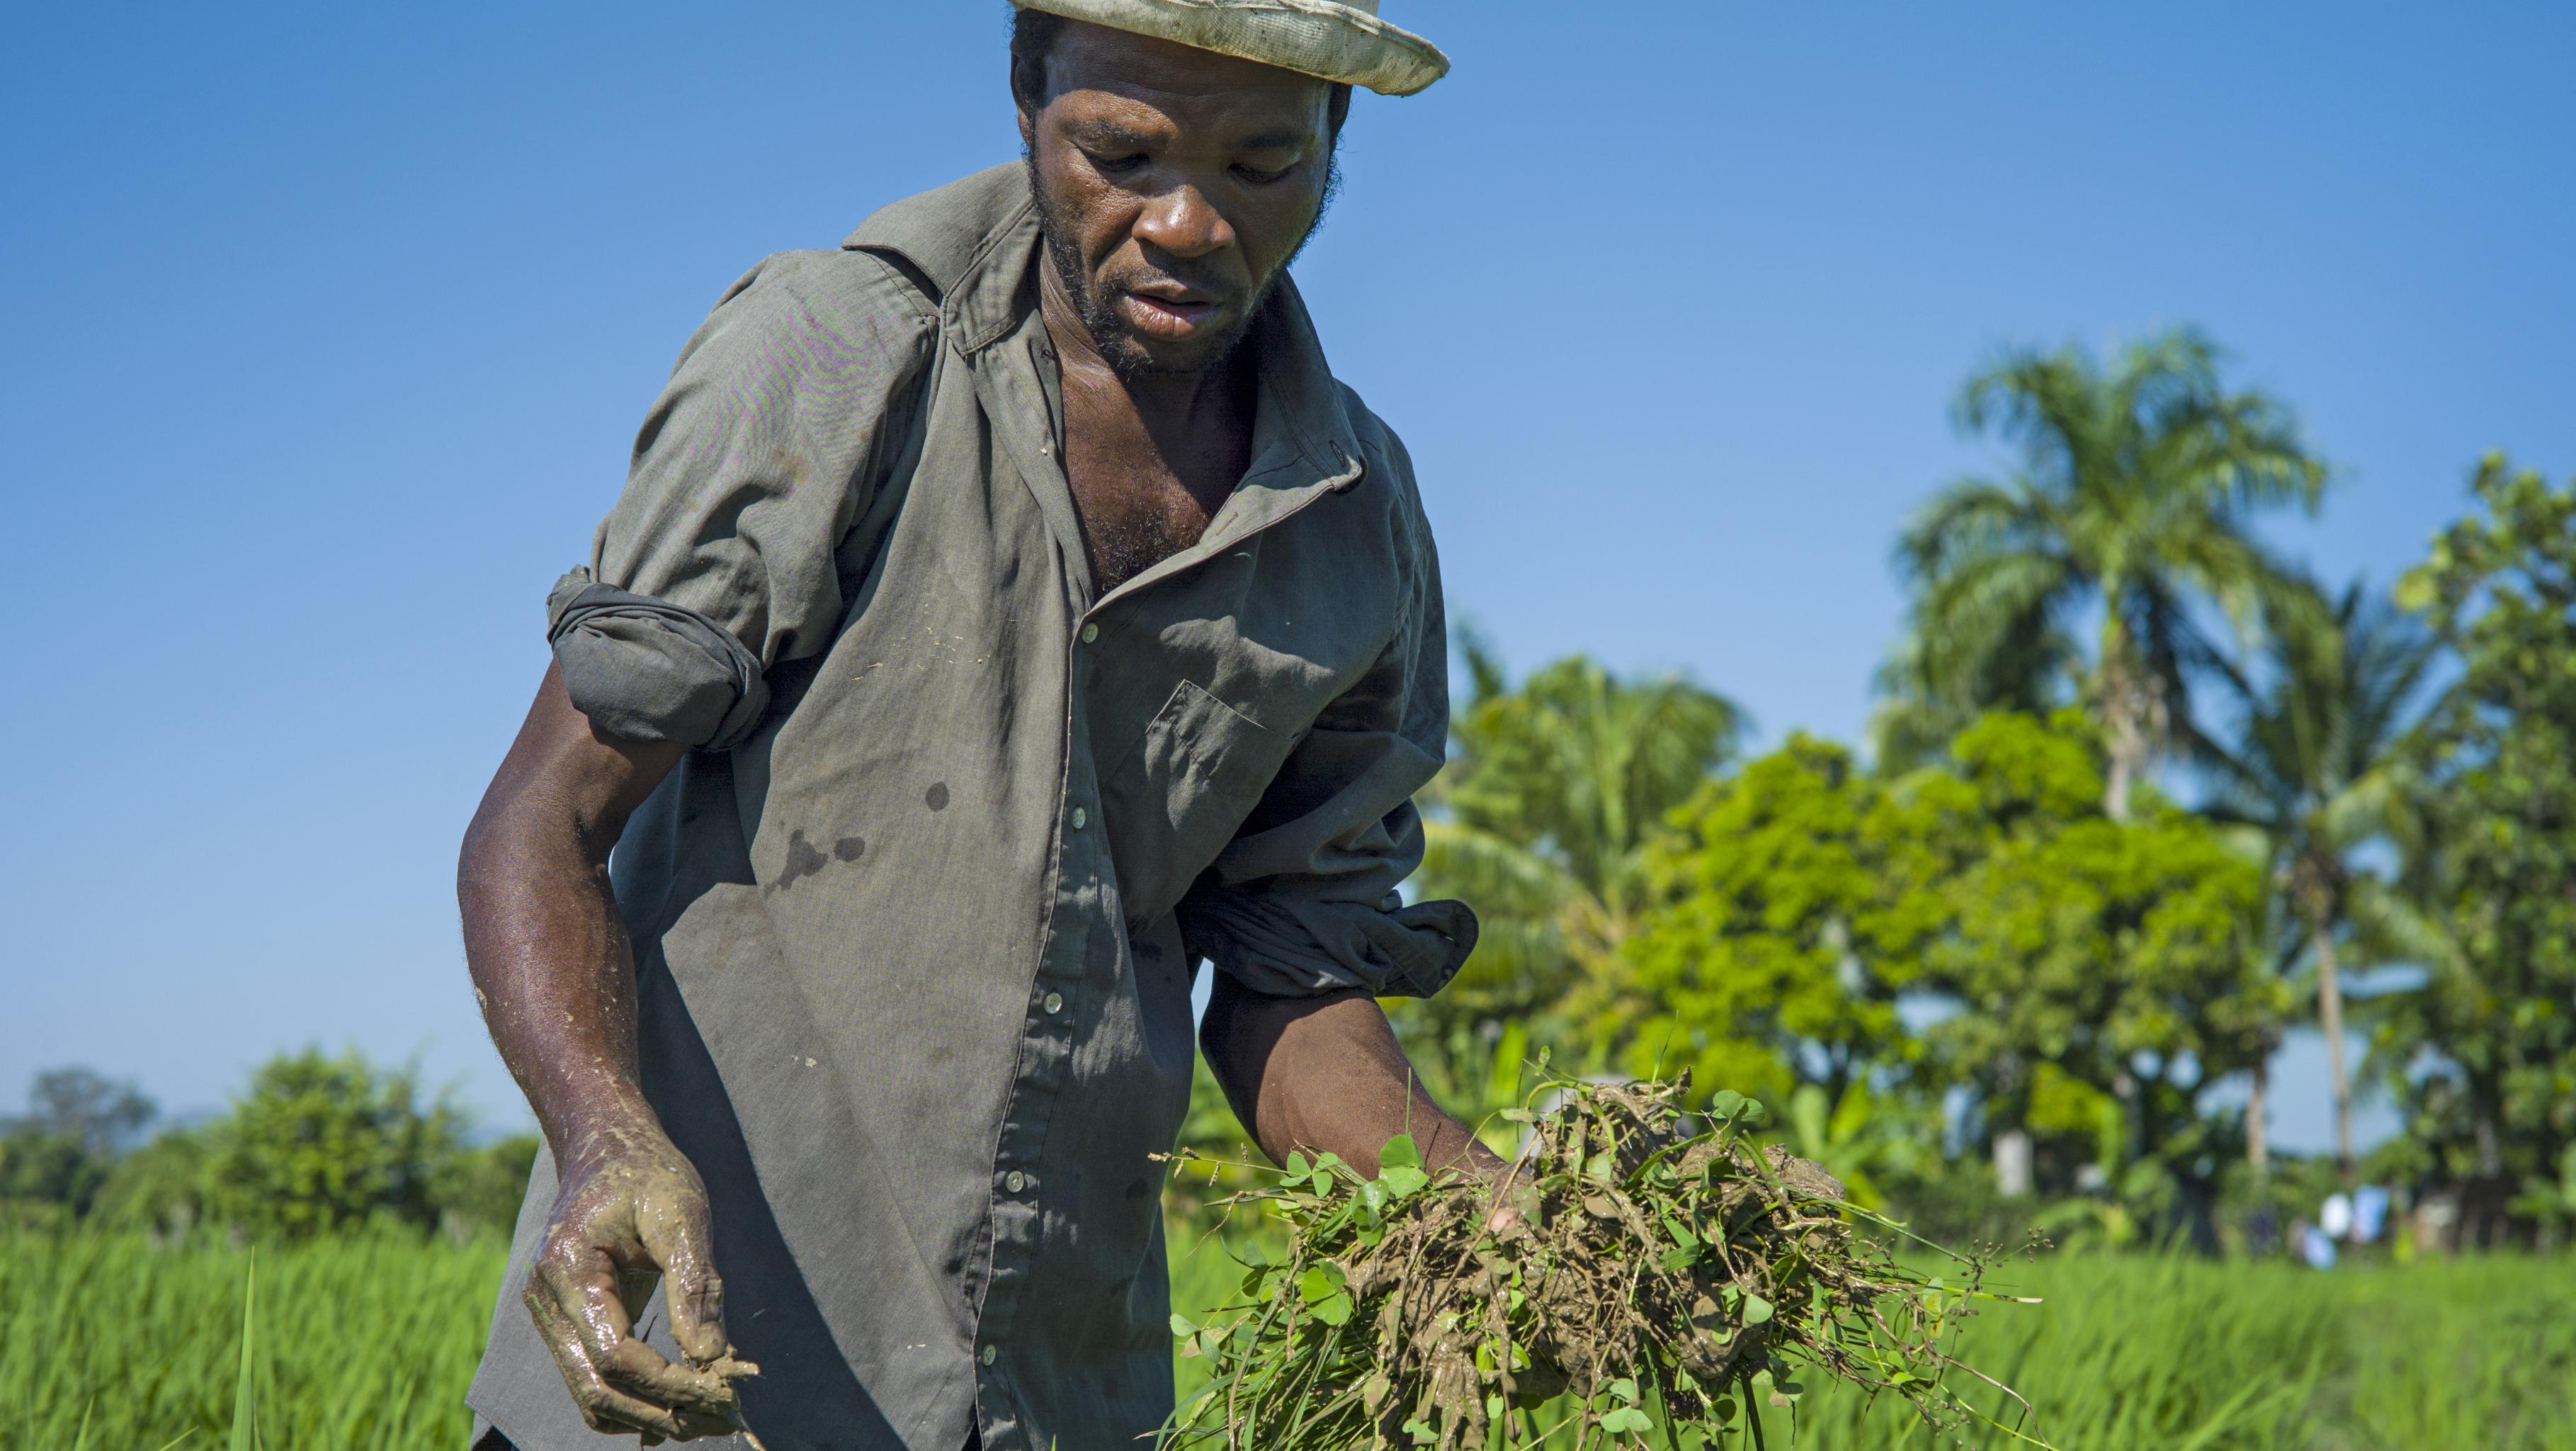 Ein haitianischer Arbeiter jätet Unkraut auf einem Reisfeld.